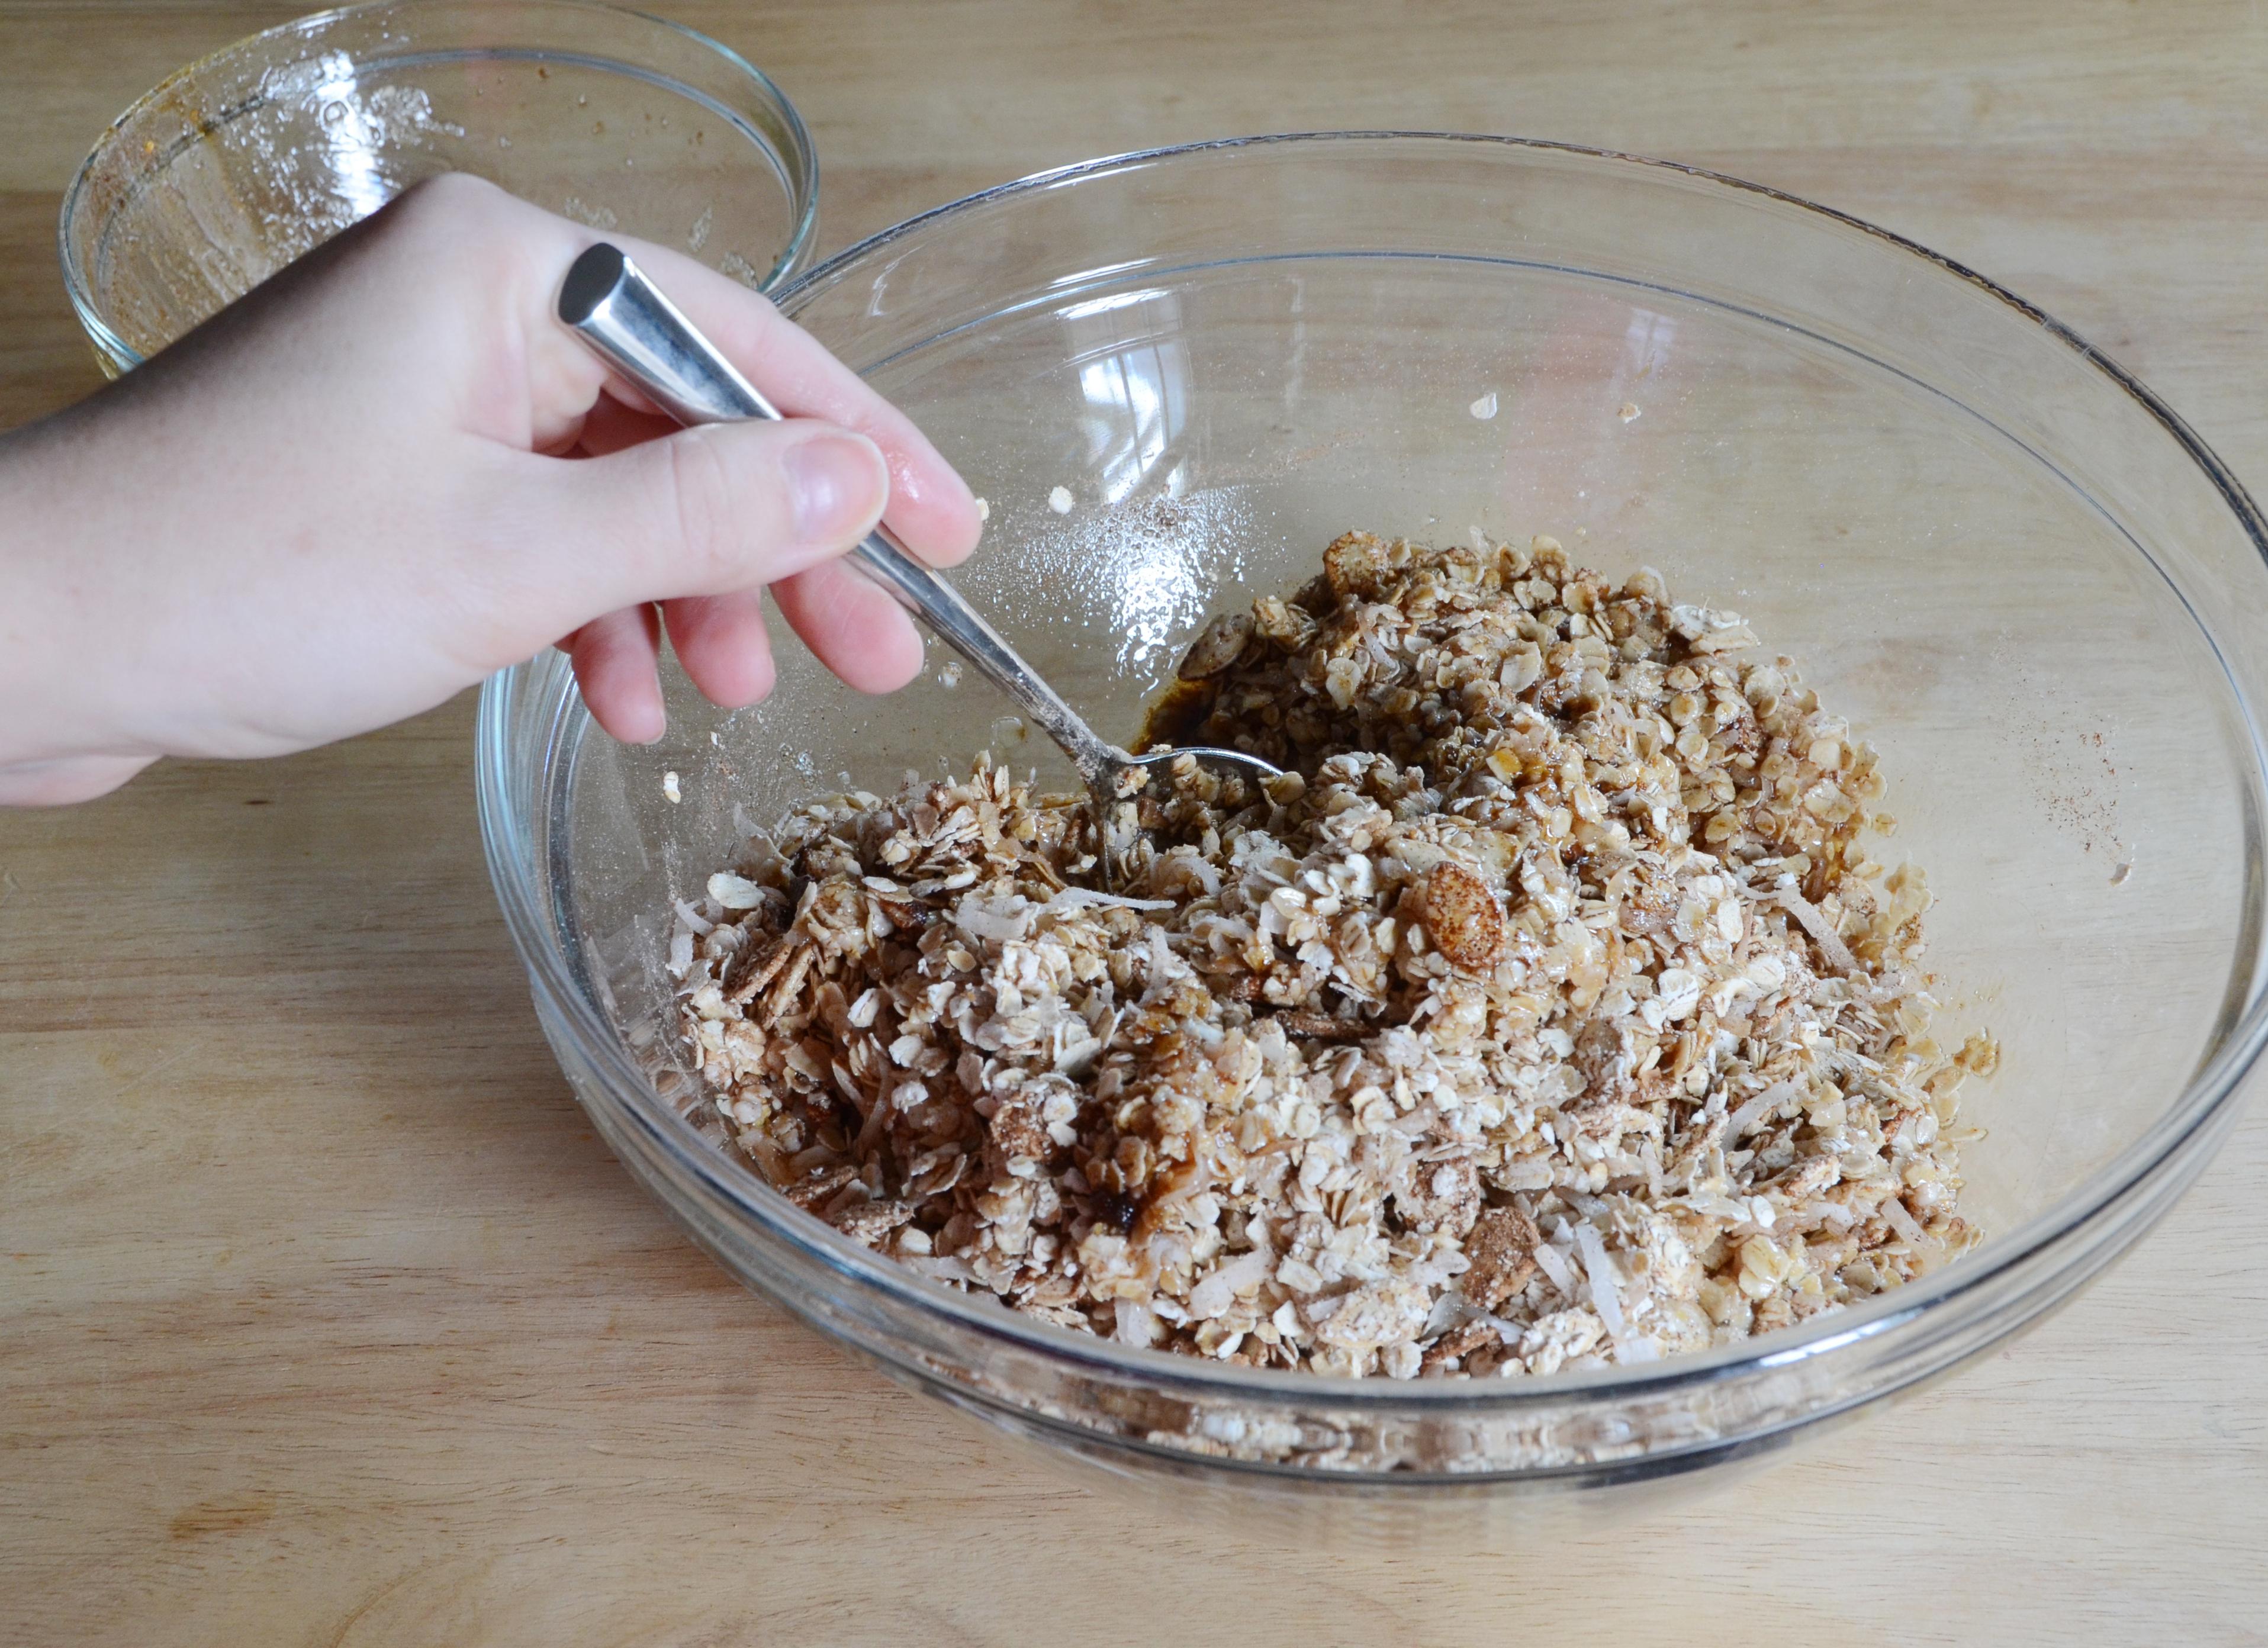 Pumpkin granola recipe step 6